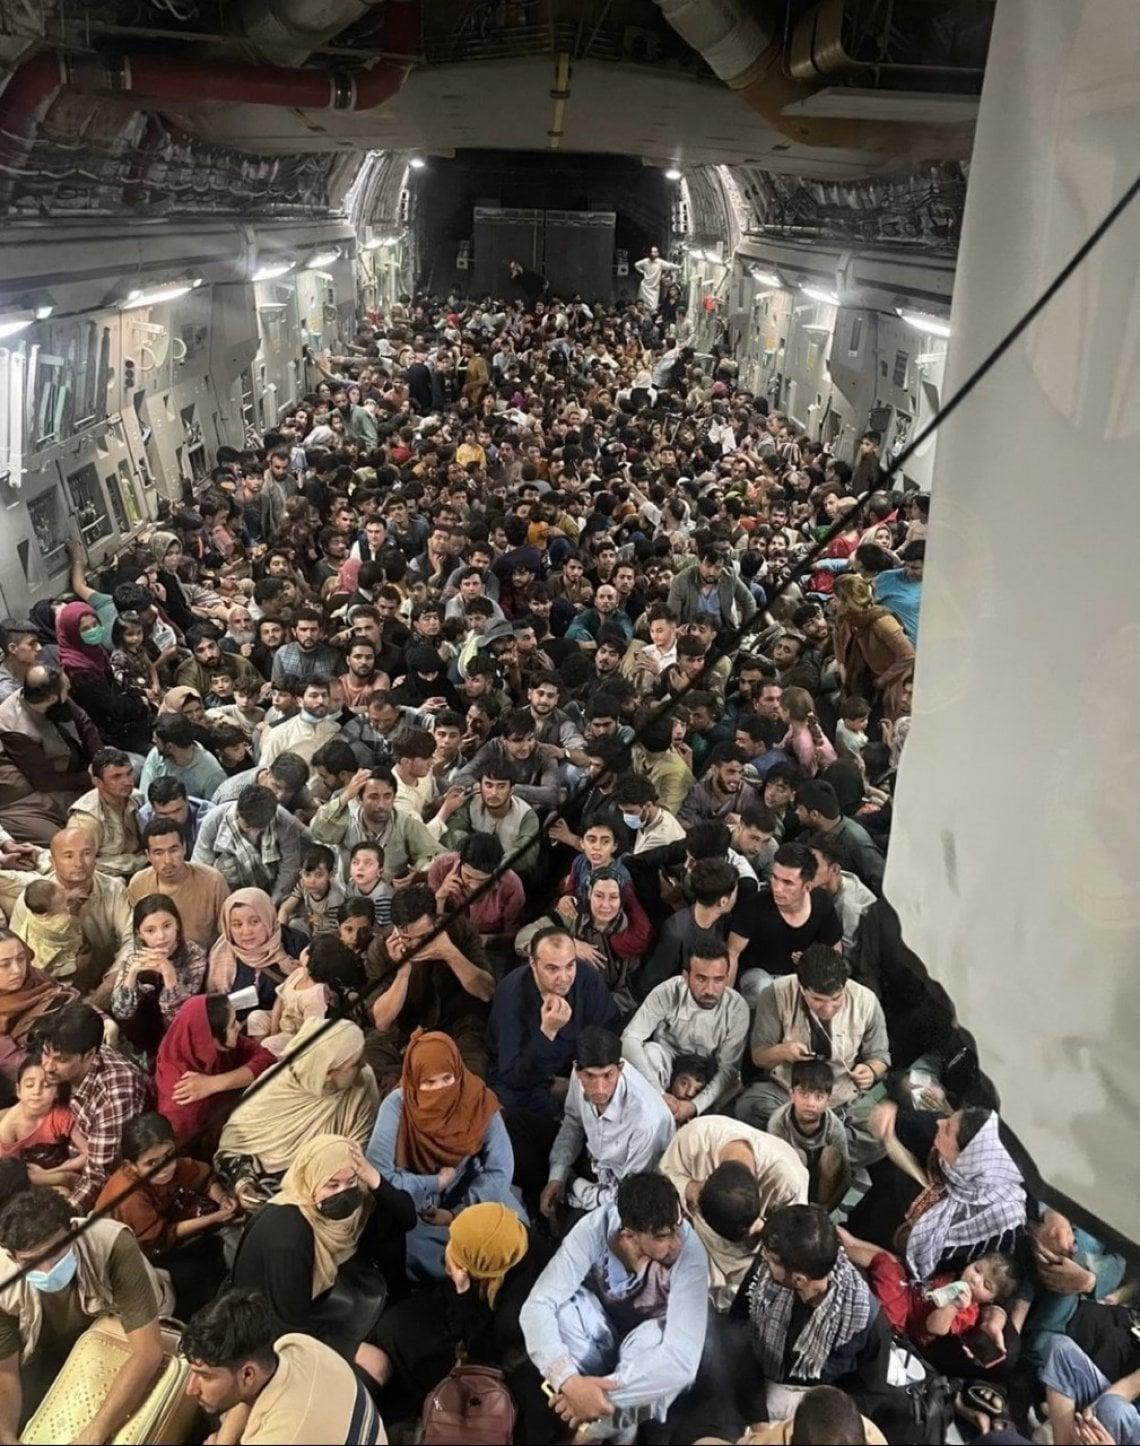 081446786 da80b7c1 03c0 4939 9344 7ebdc7208d2c - Afghanistan, il C-17A imbarca 800 profughi a bordo: la missione eroica dell'equipaggio Usa